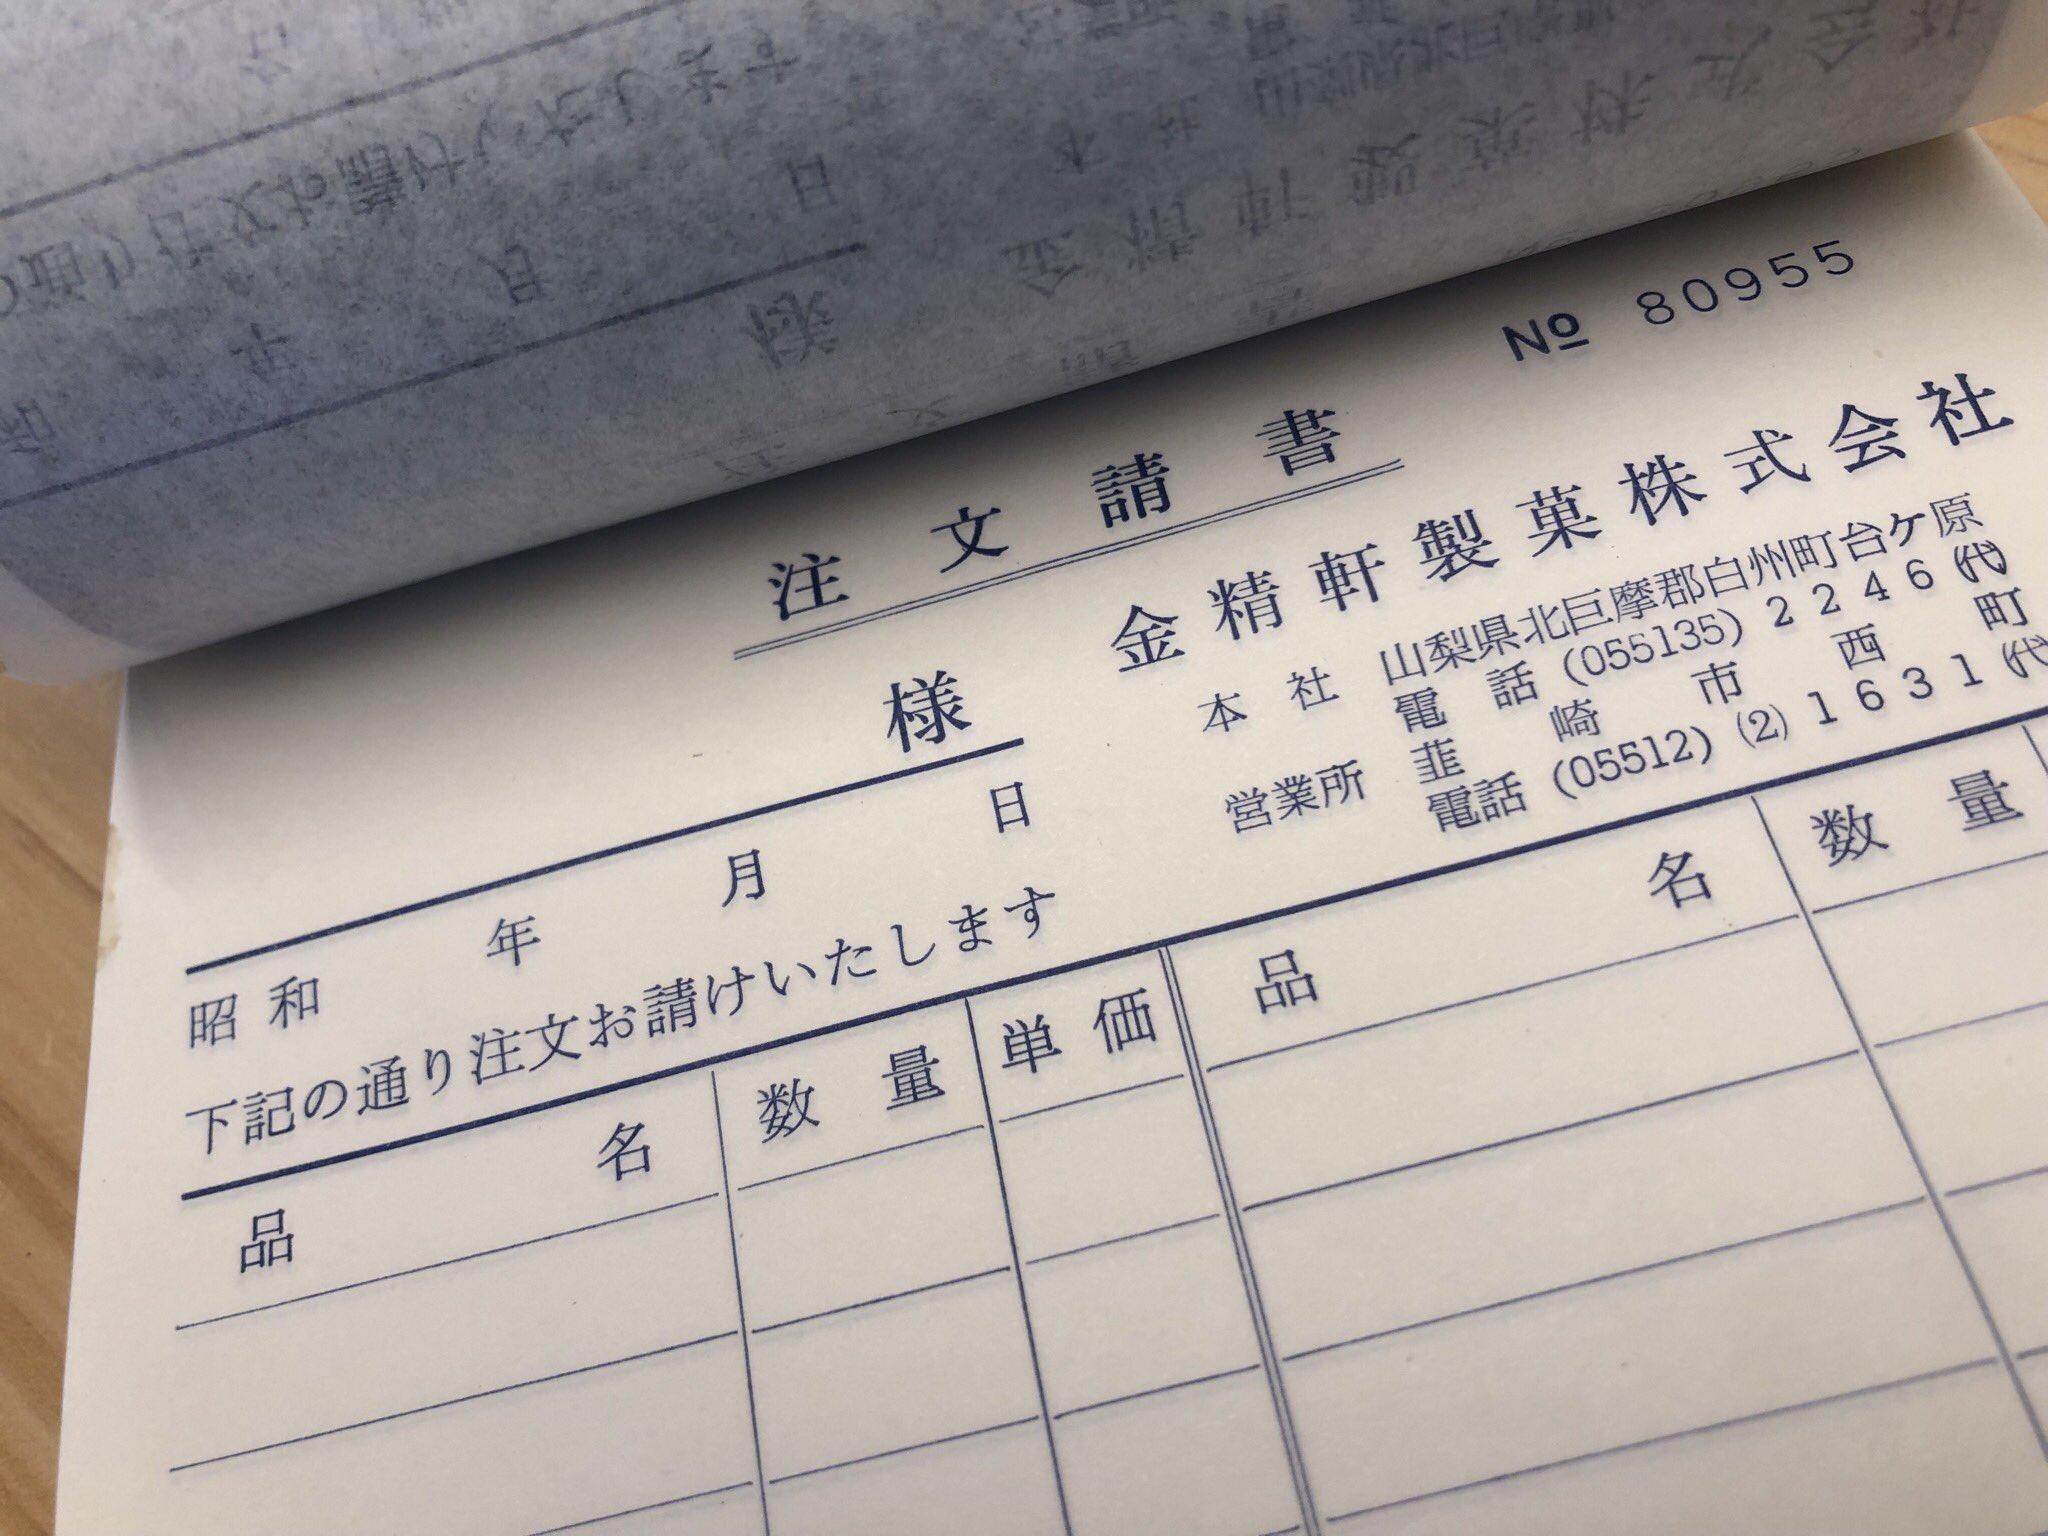 50冊のところを5000冊注文してしまい、昭和の部分を平成に書き直しては細々と店舗で使い続けてきた注文請書でしたが、ついに平成も終わってしまいました。 令和が終わる前には使い切りたいです。